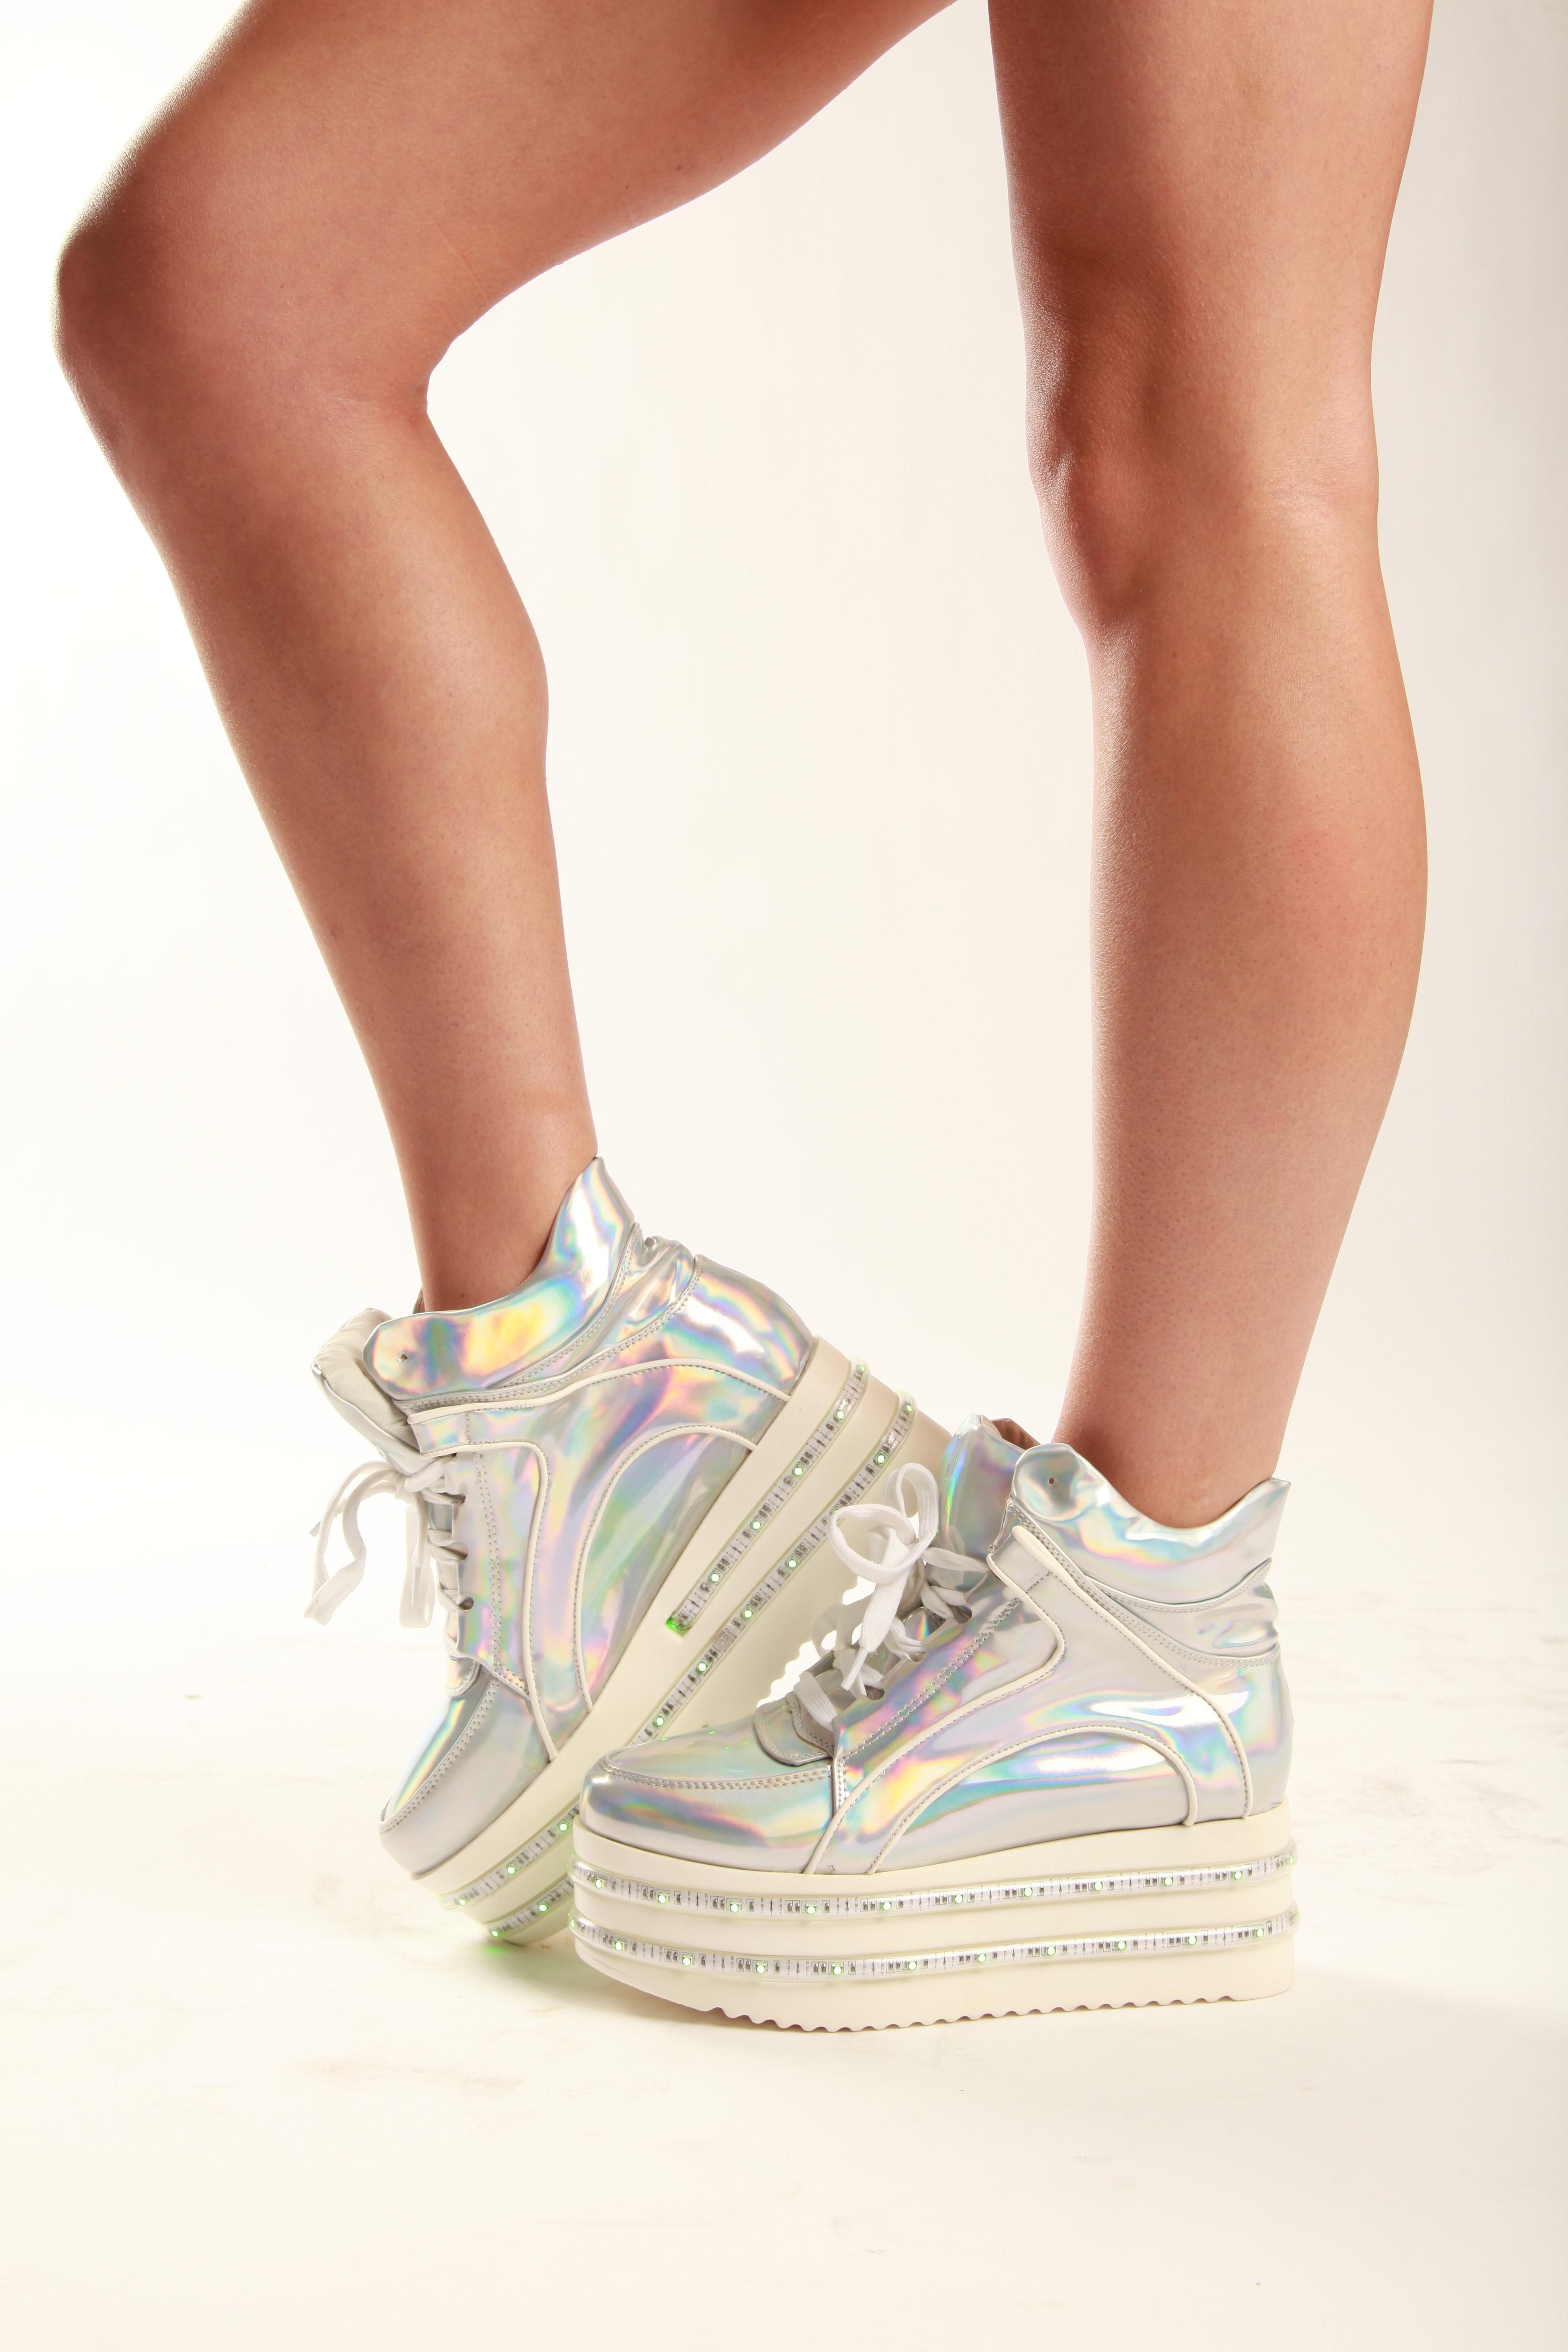 promo code 3a315 7693f Silver Hologram LED Light-up Platform Shoes